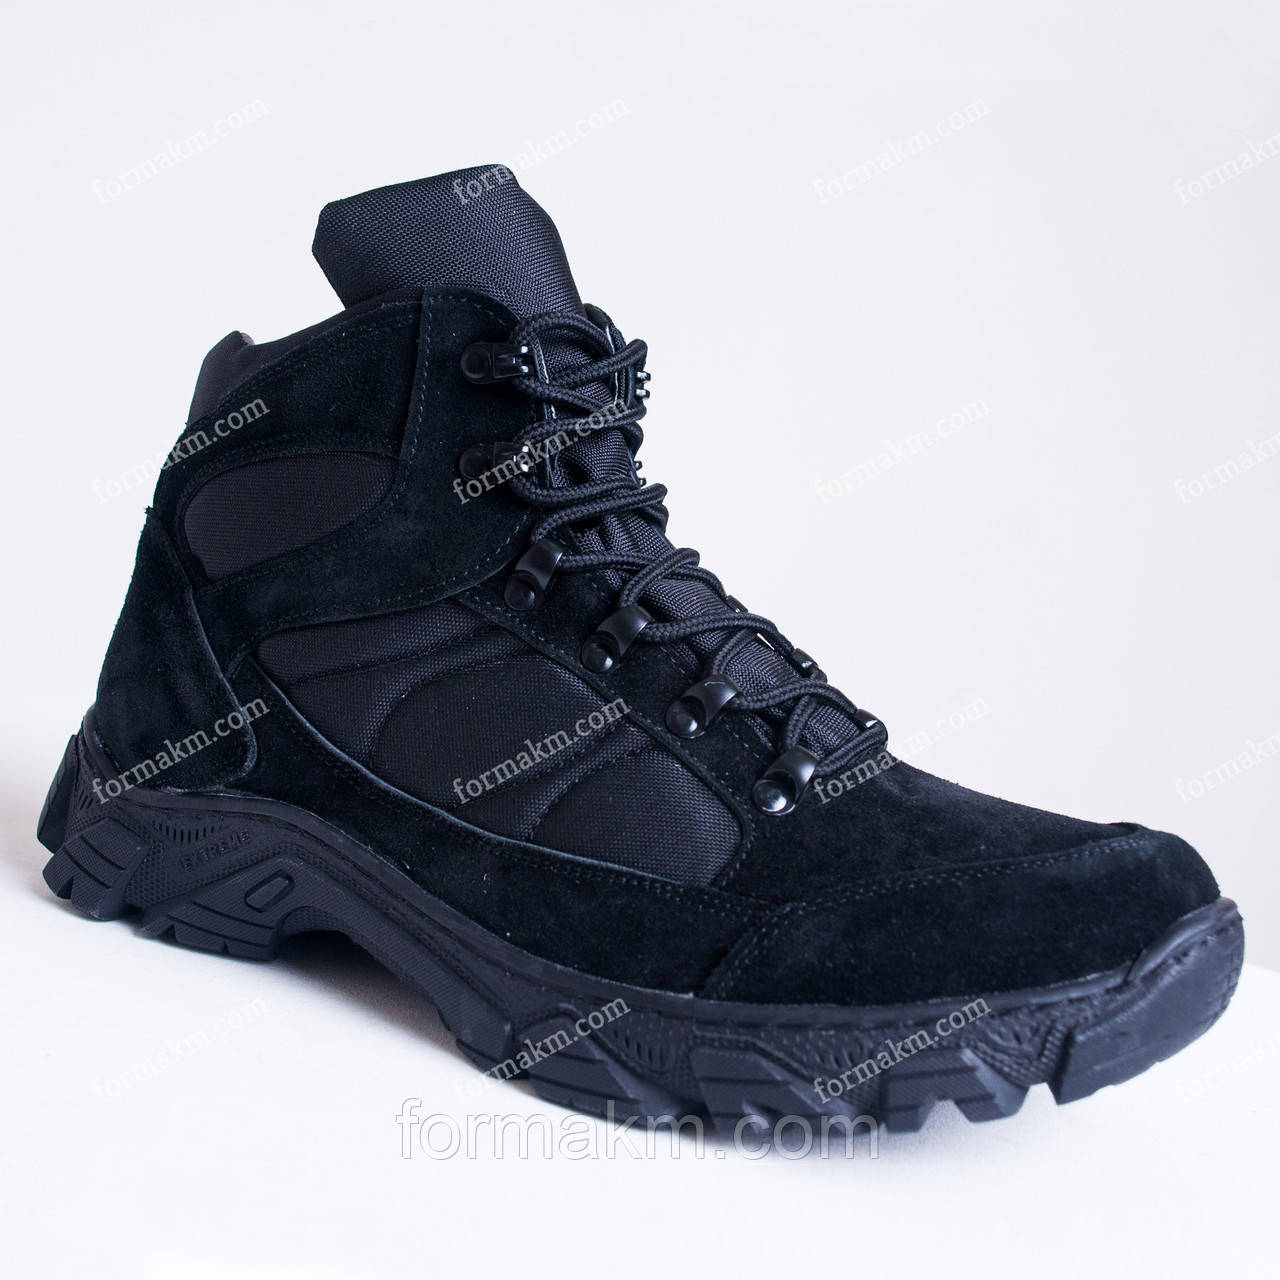 Тактические Ботинки Зимние Tornado Black